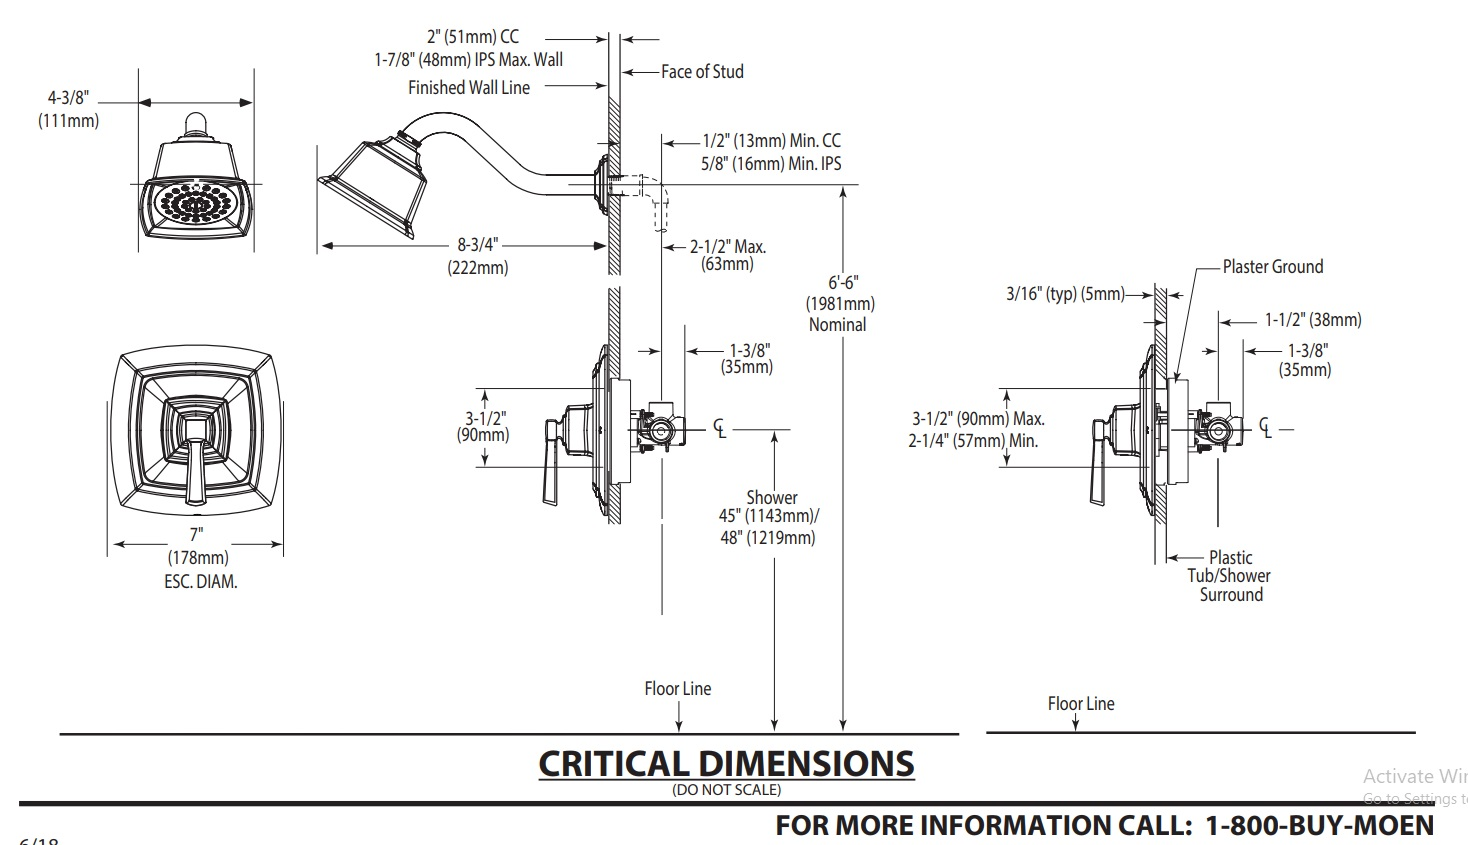 31 Moen Bathroom Faucet Parts Diagram